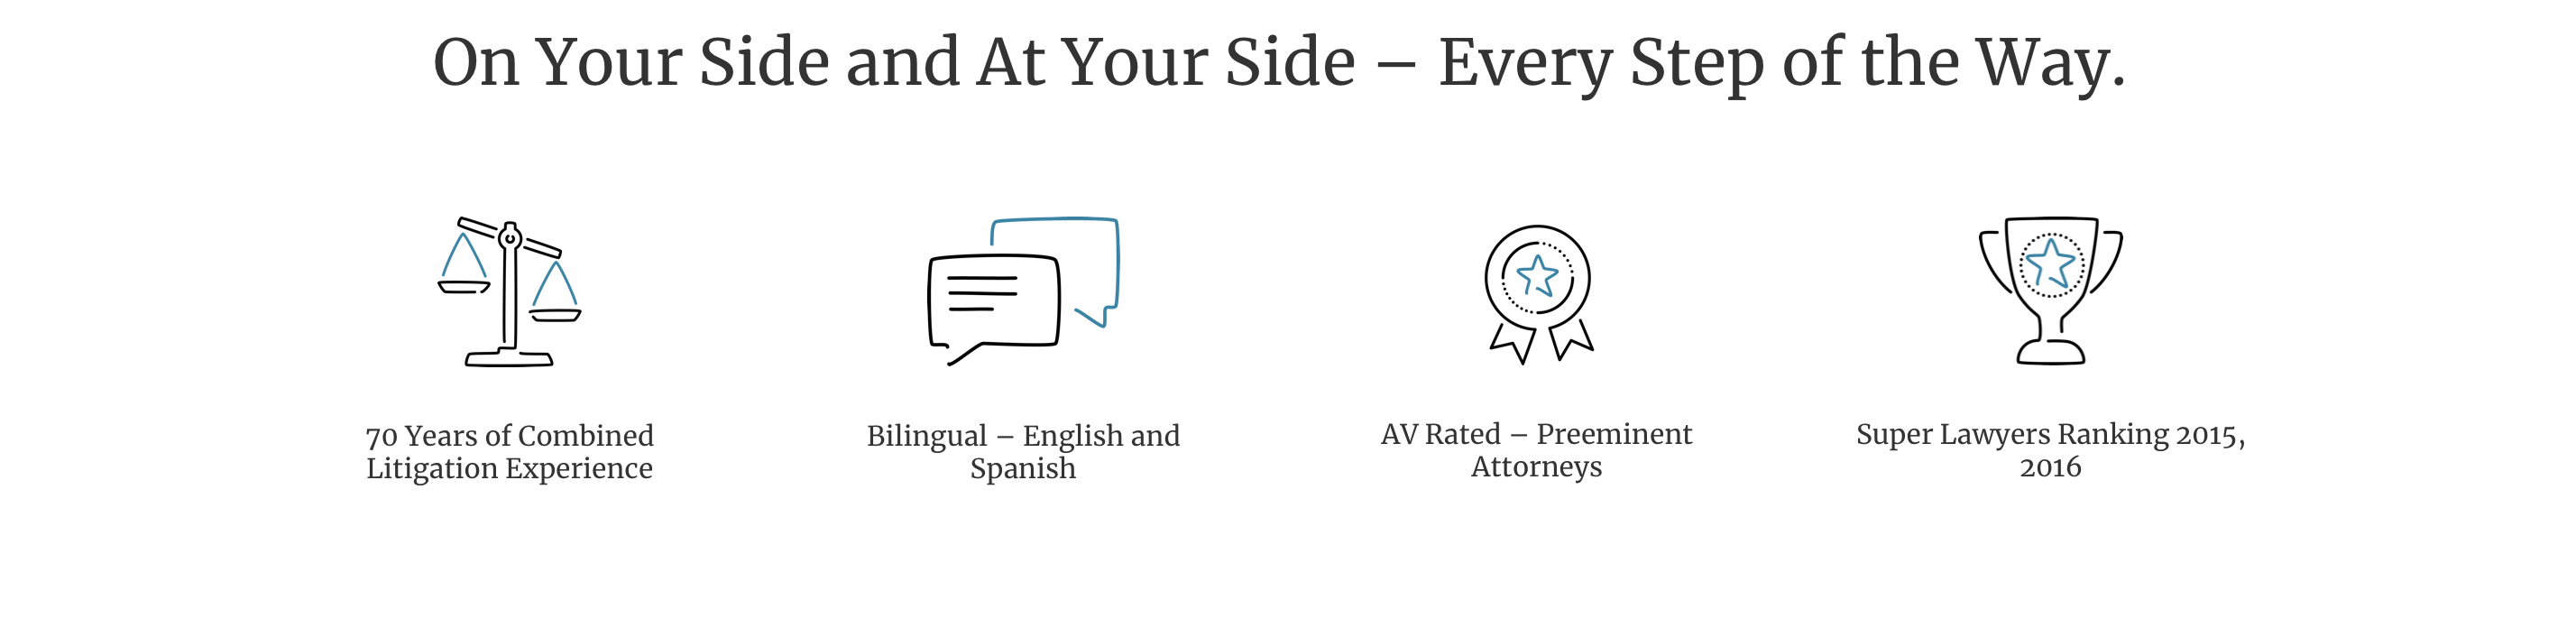 Trust Counsel Unique Features-1